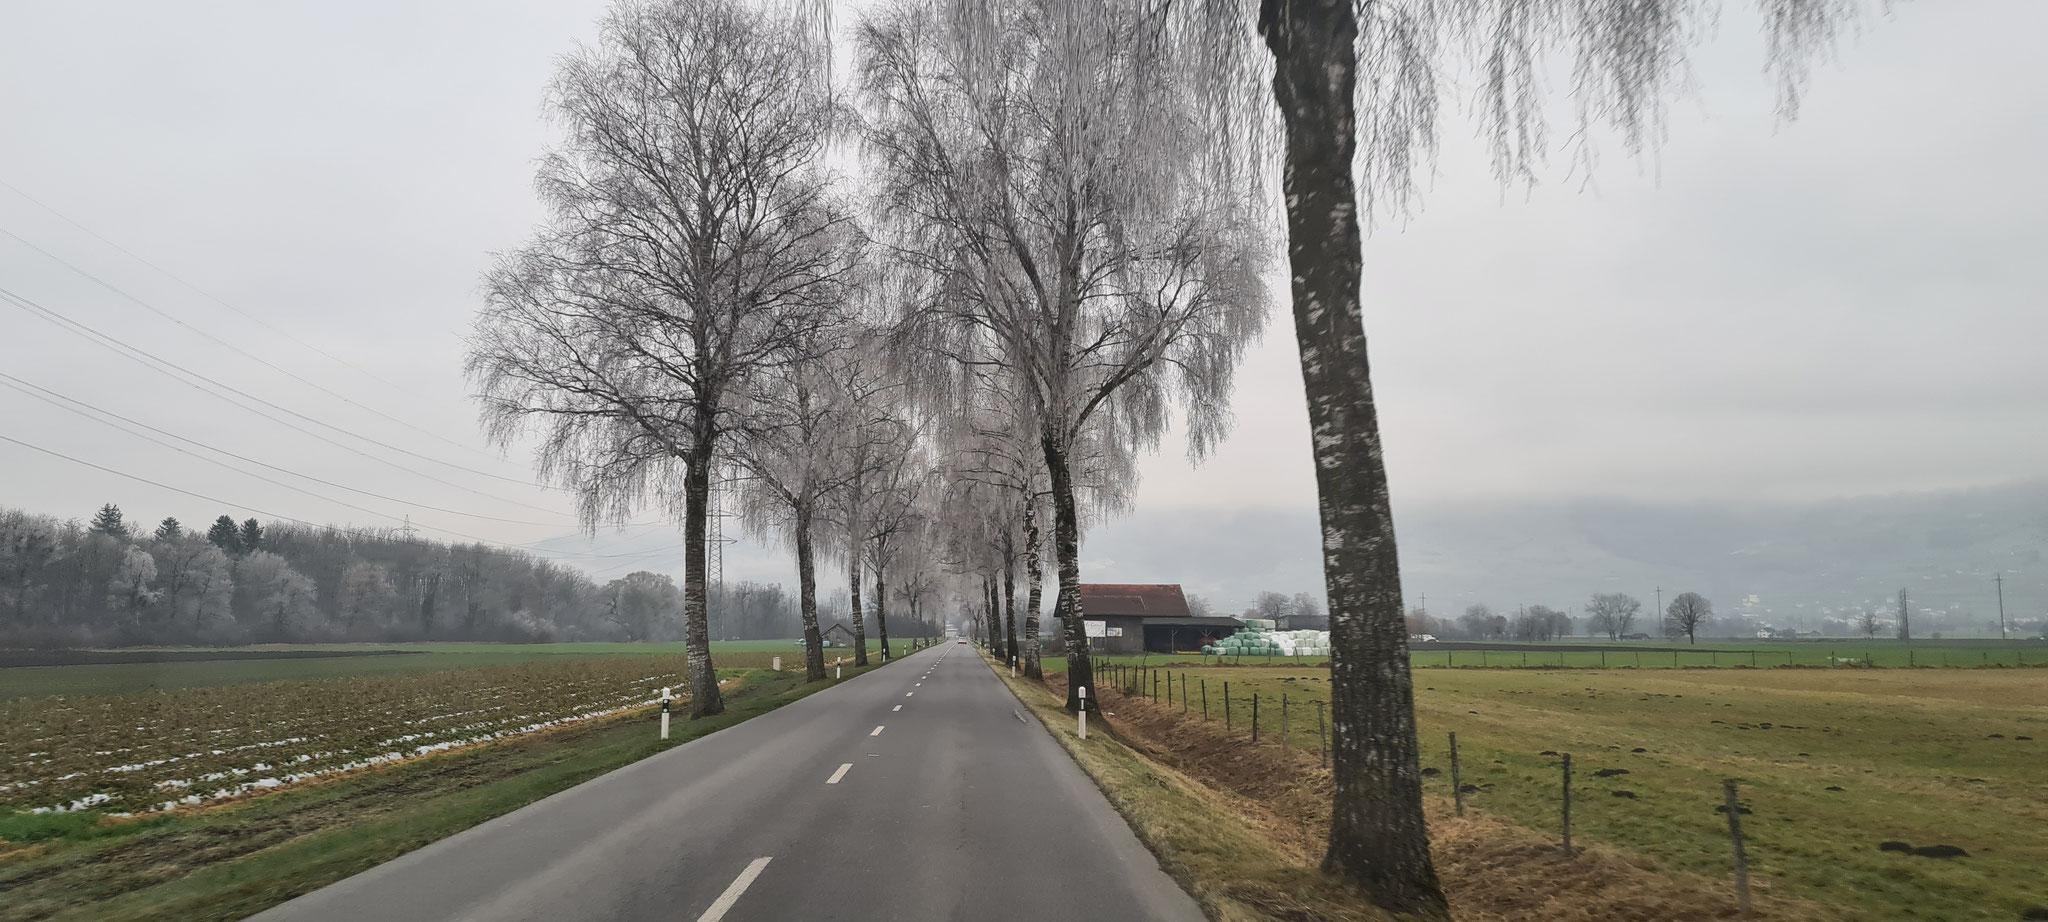 Trotz Nebel sieht die Landschaft toll aus